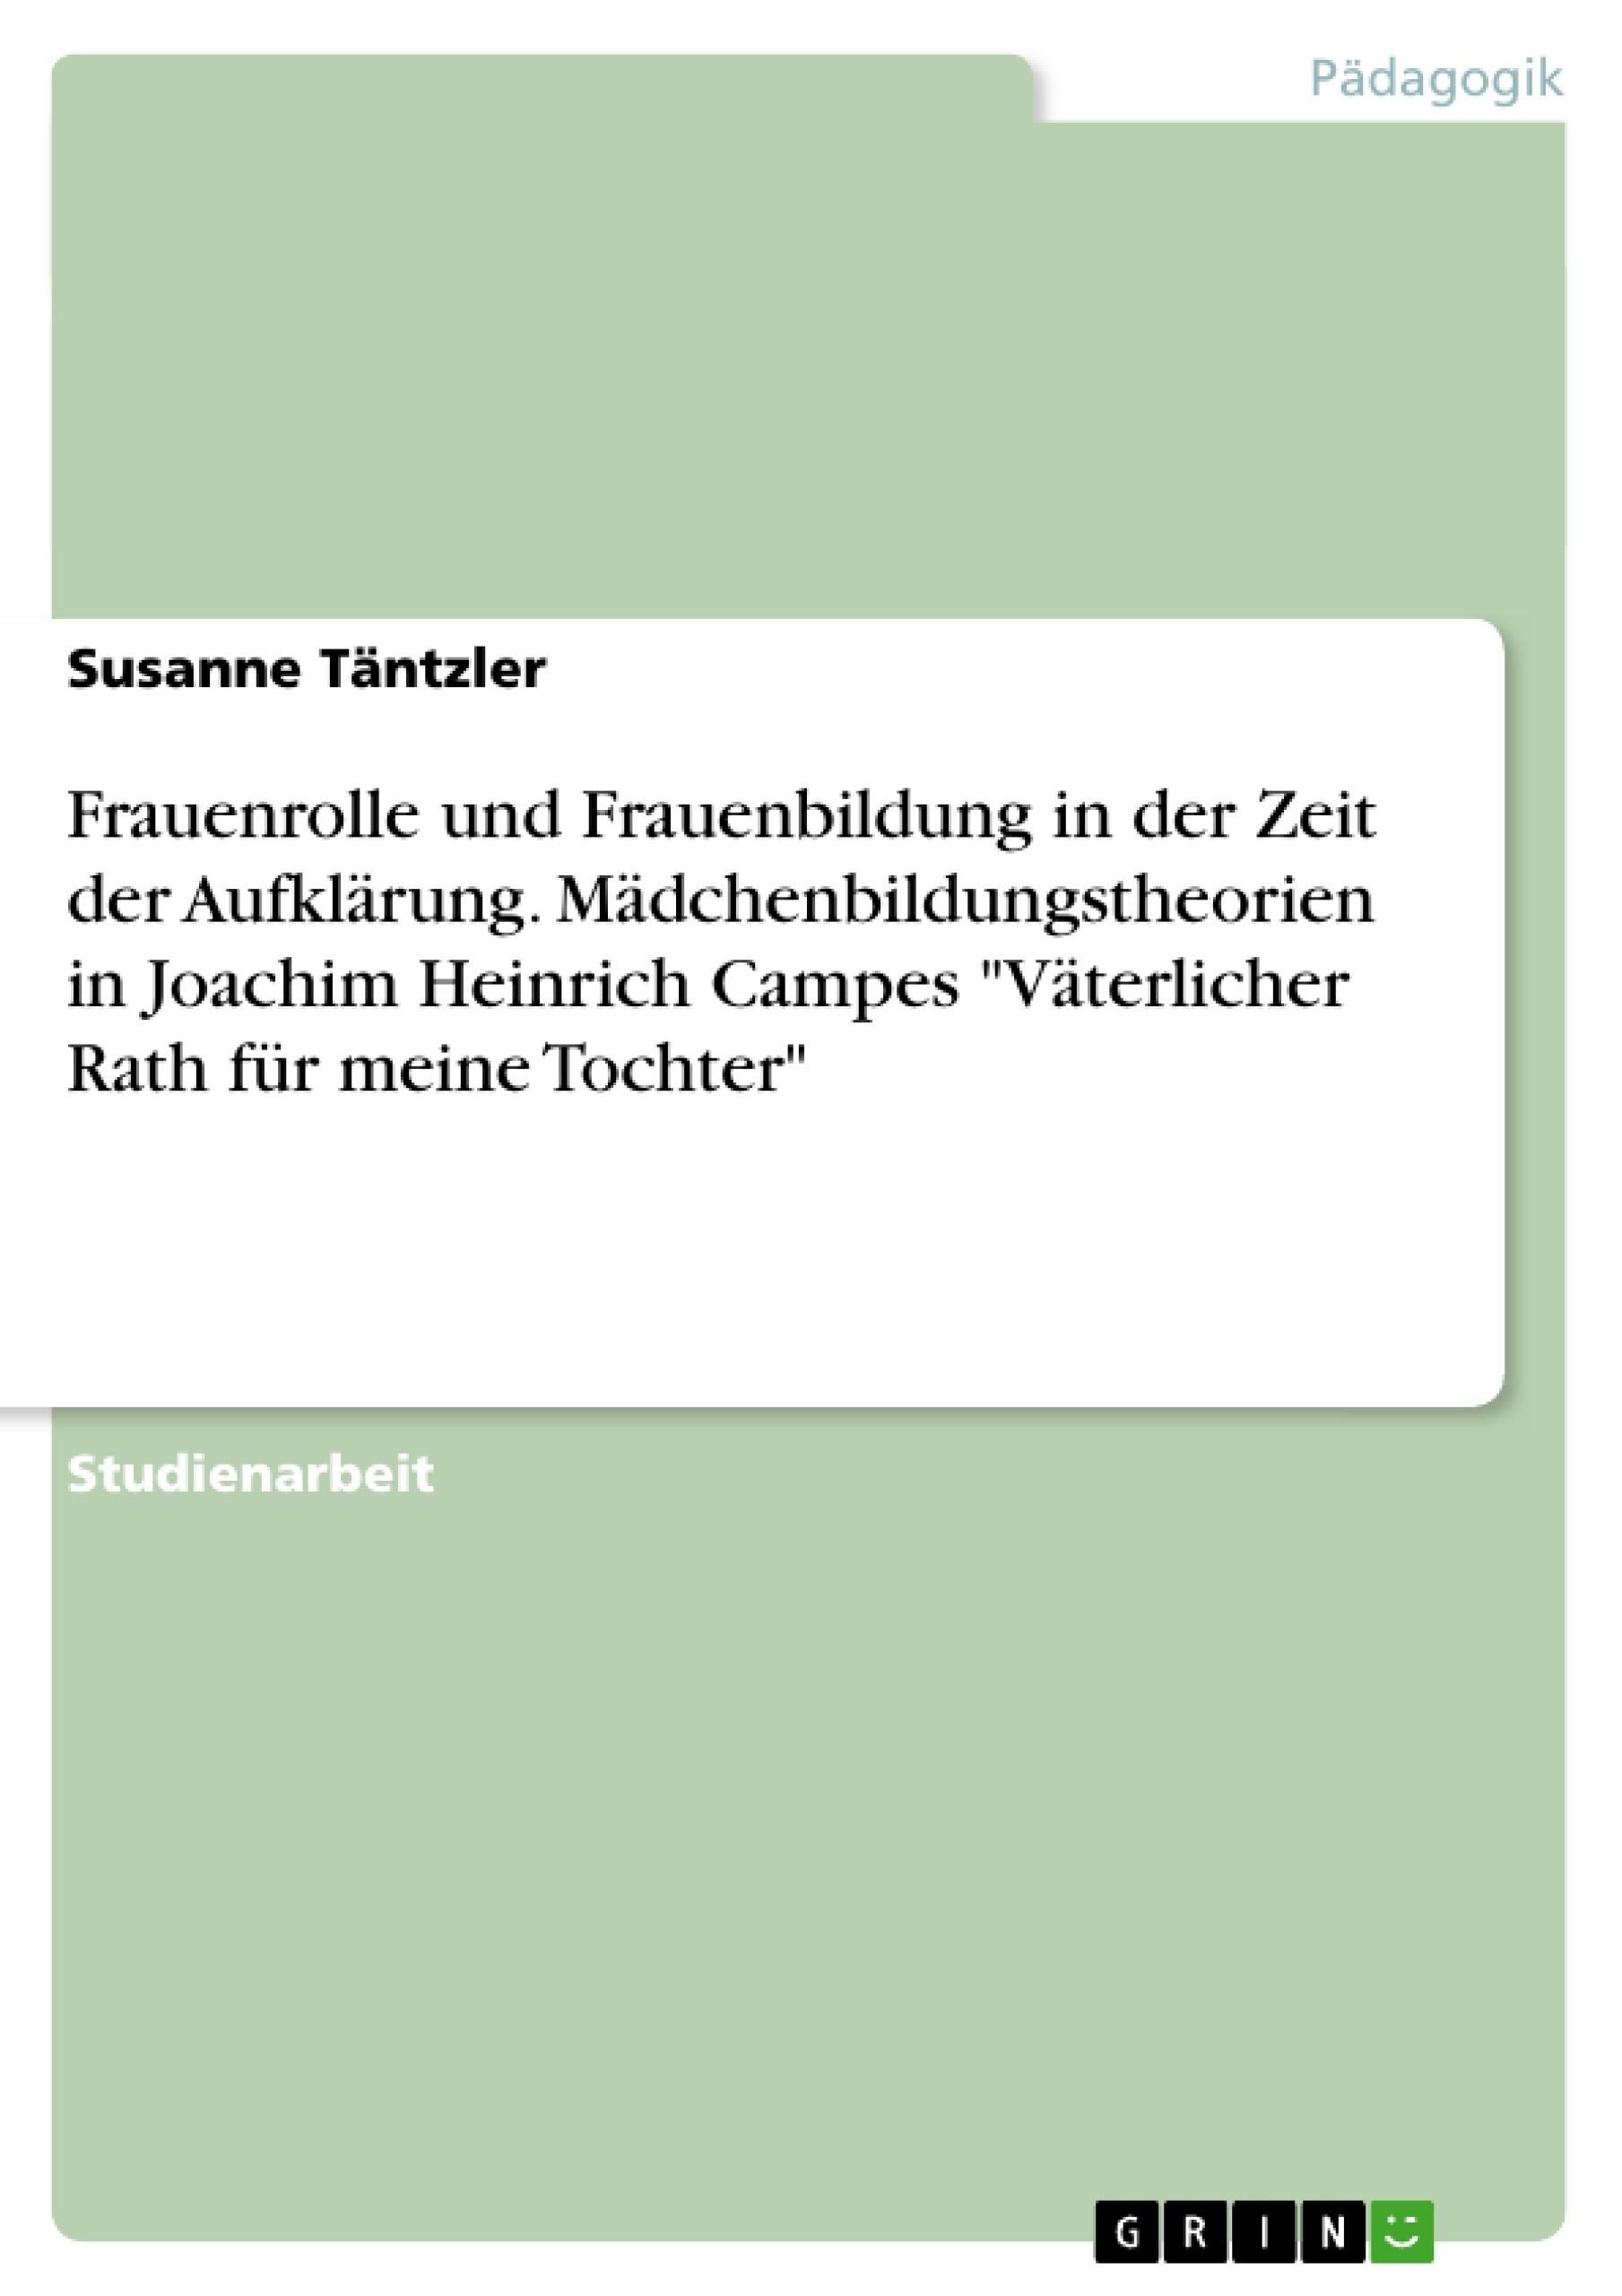 """Titel: Frauenrolle und Frauenbildung in der Zeit der Aufklärung. Mädchenbildungstheorien in Joachim Heinrich Campes """"Väterlicher Rath für meine Tochter"""""""